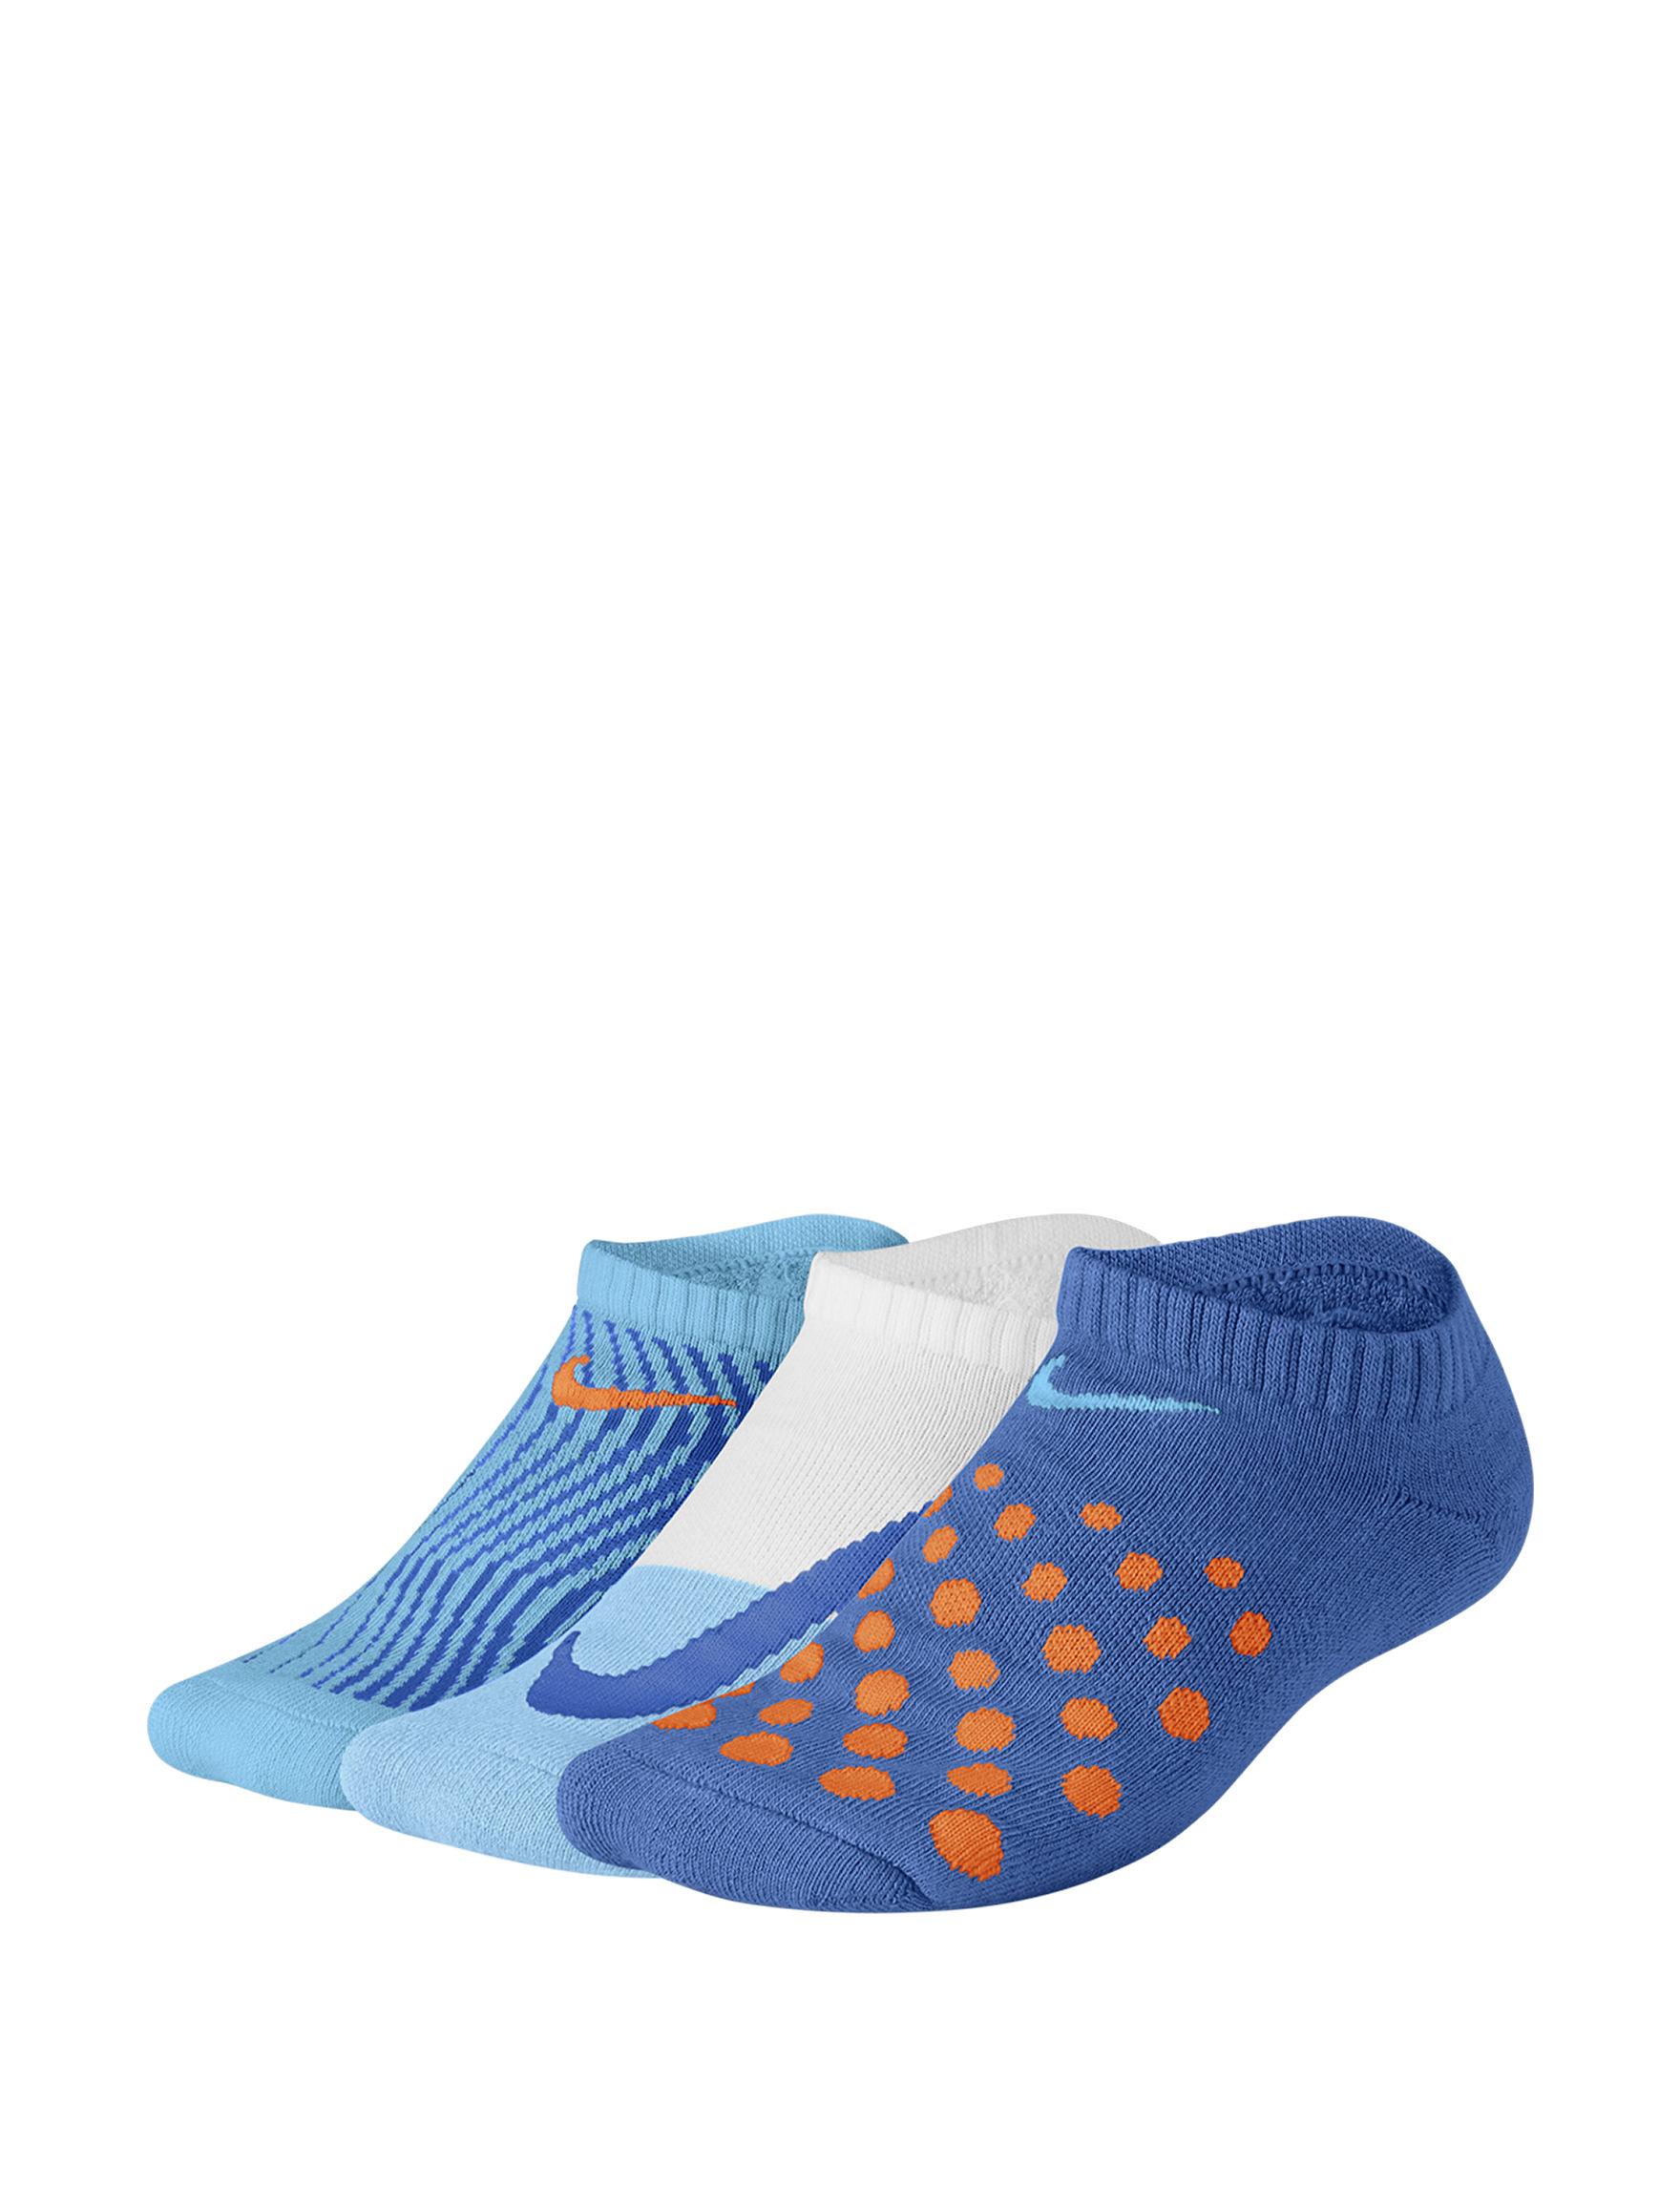 Nike Blue Socks